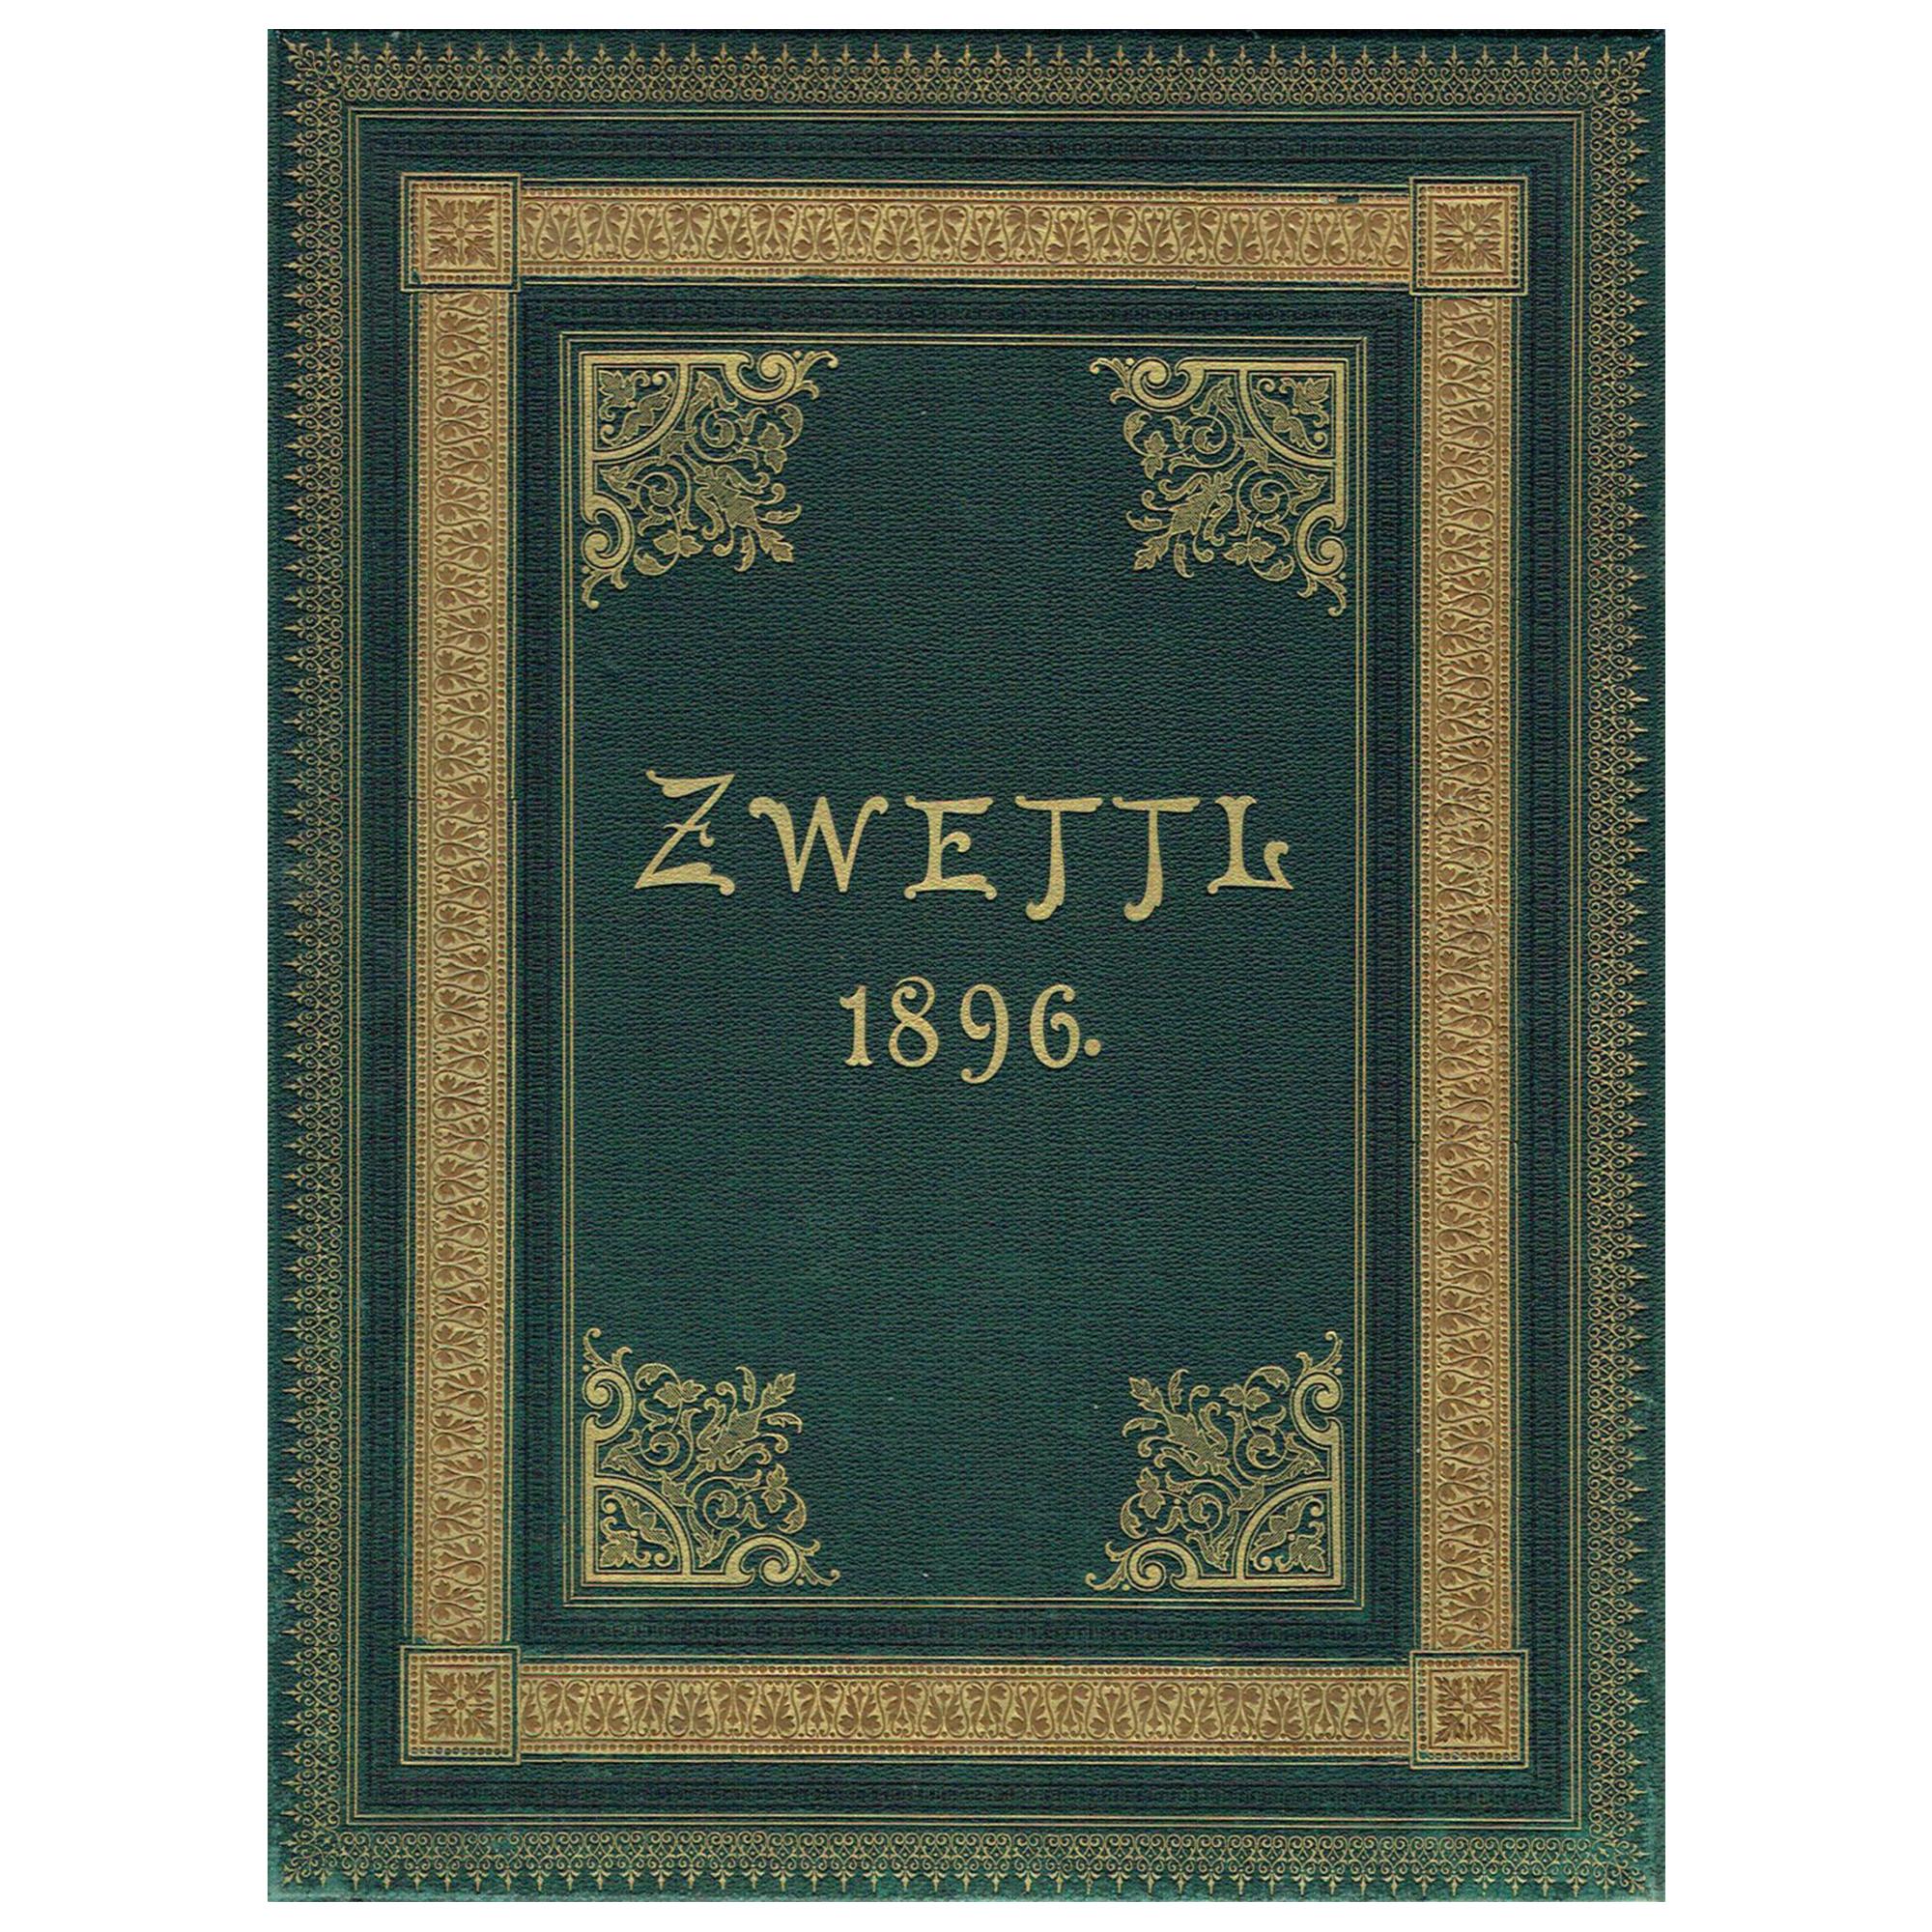 5266-Zwettl-1896-Einband-1200×1609-1.jpeg